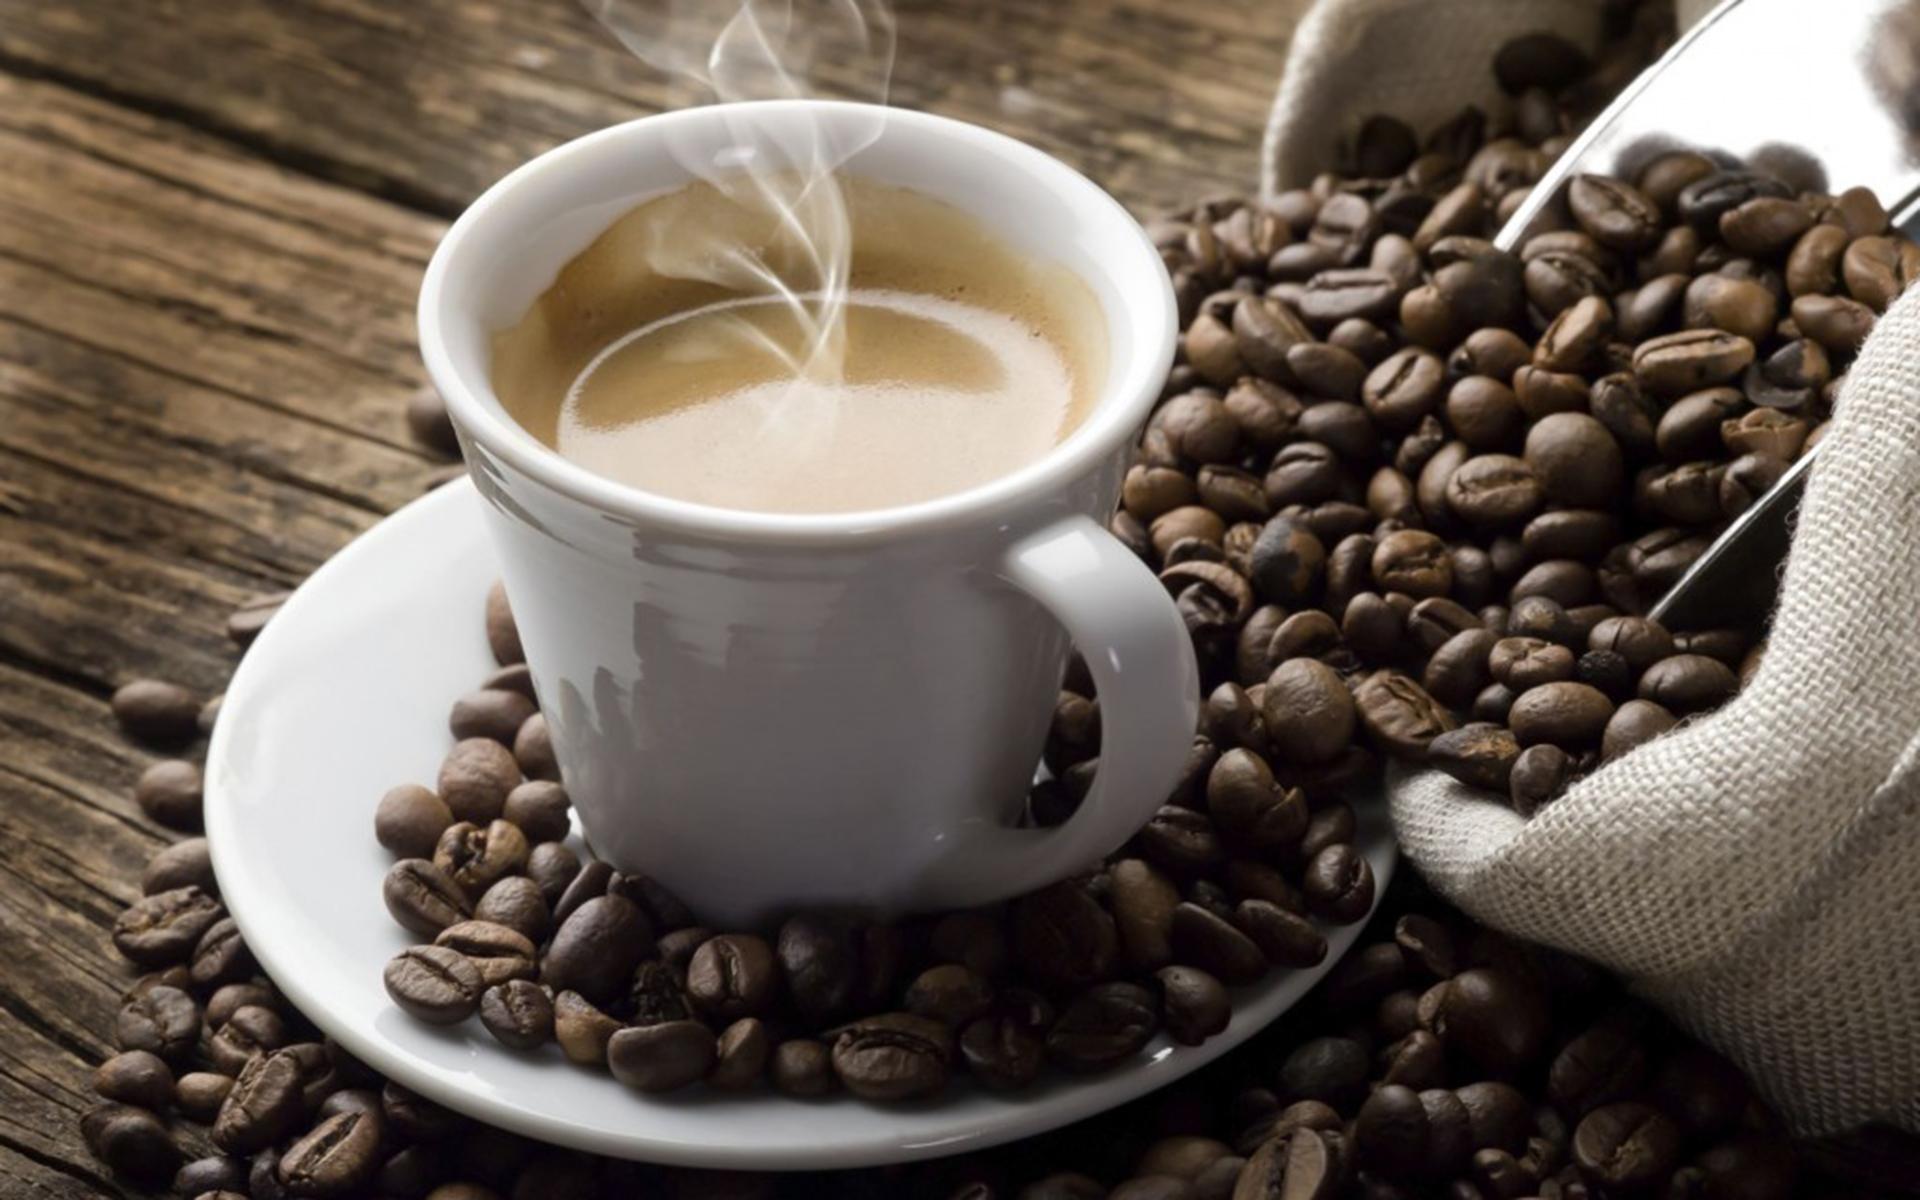 băutură de cafea pentru pierderea în greutate rhodiola pierde în greutate